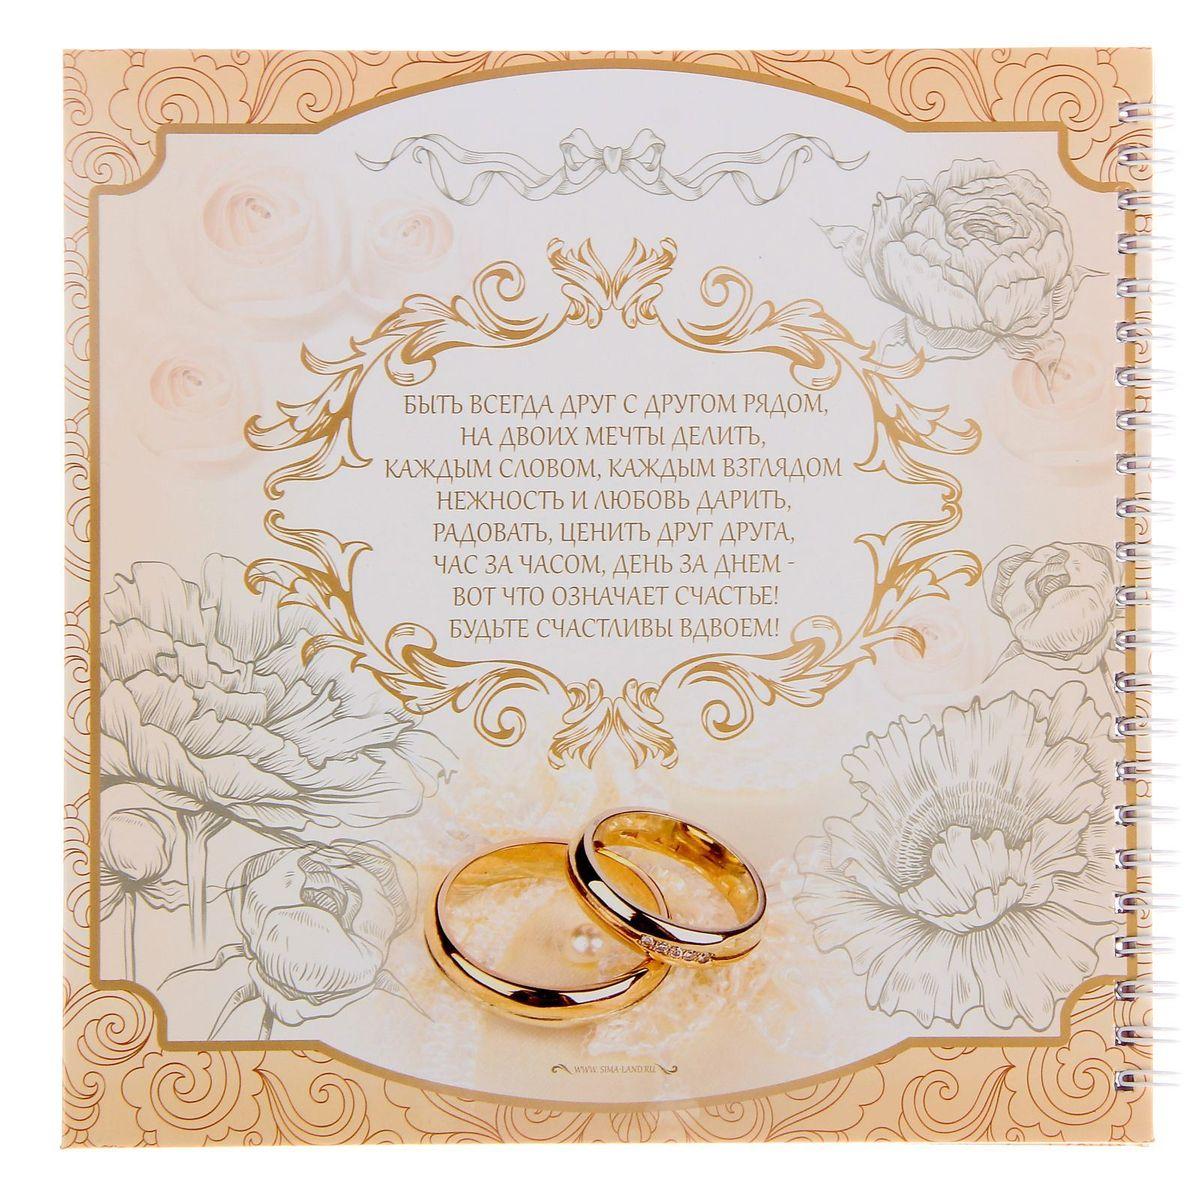 Поздравления с бракосочетанием в стихах красивые